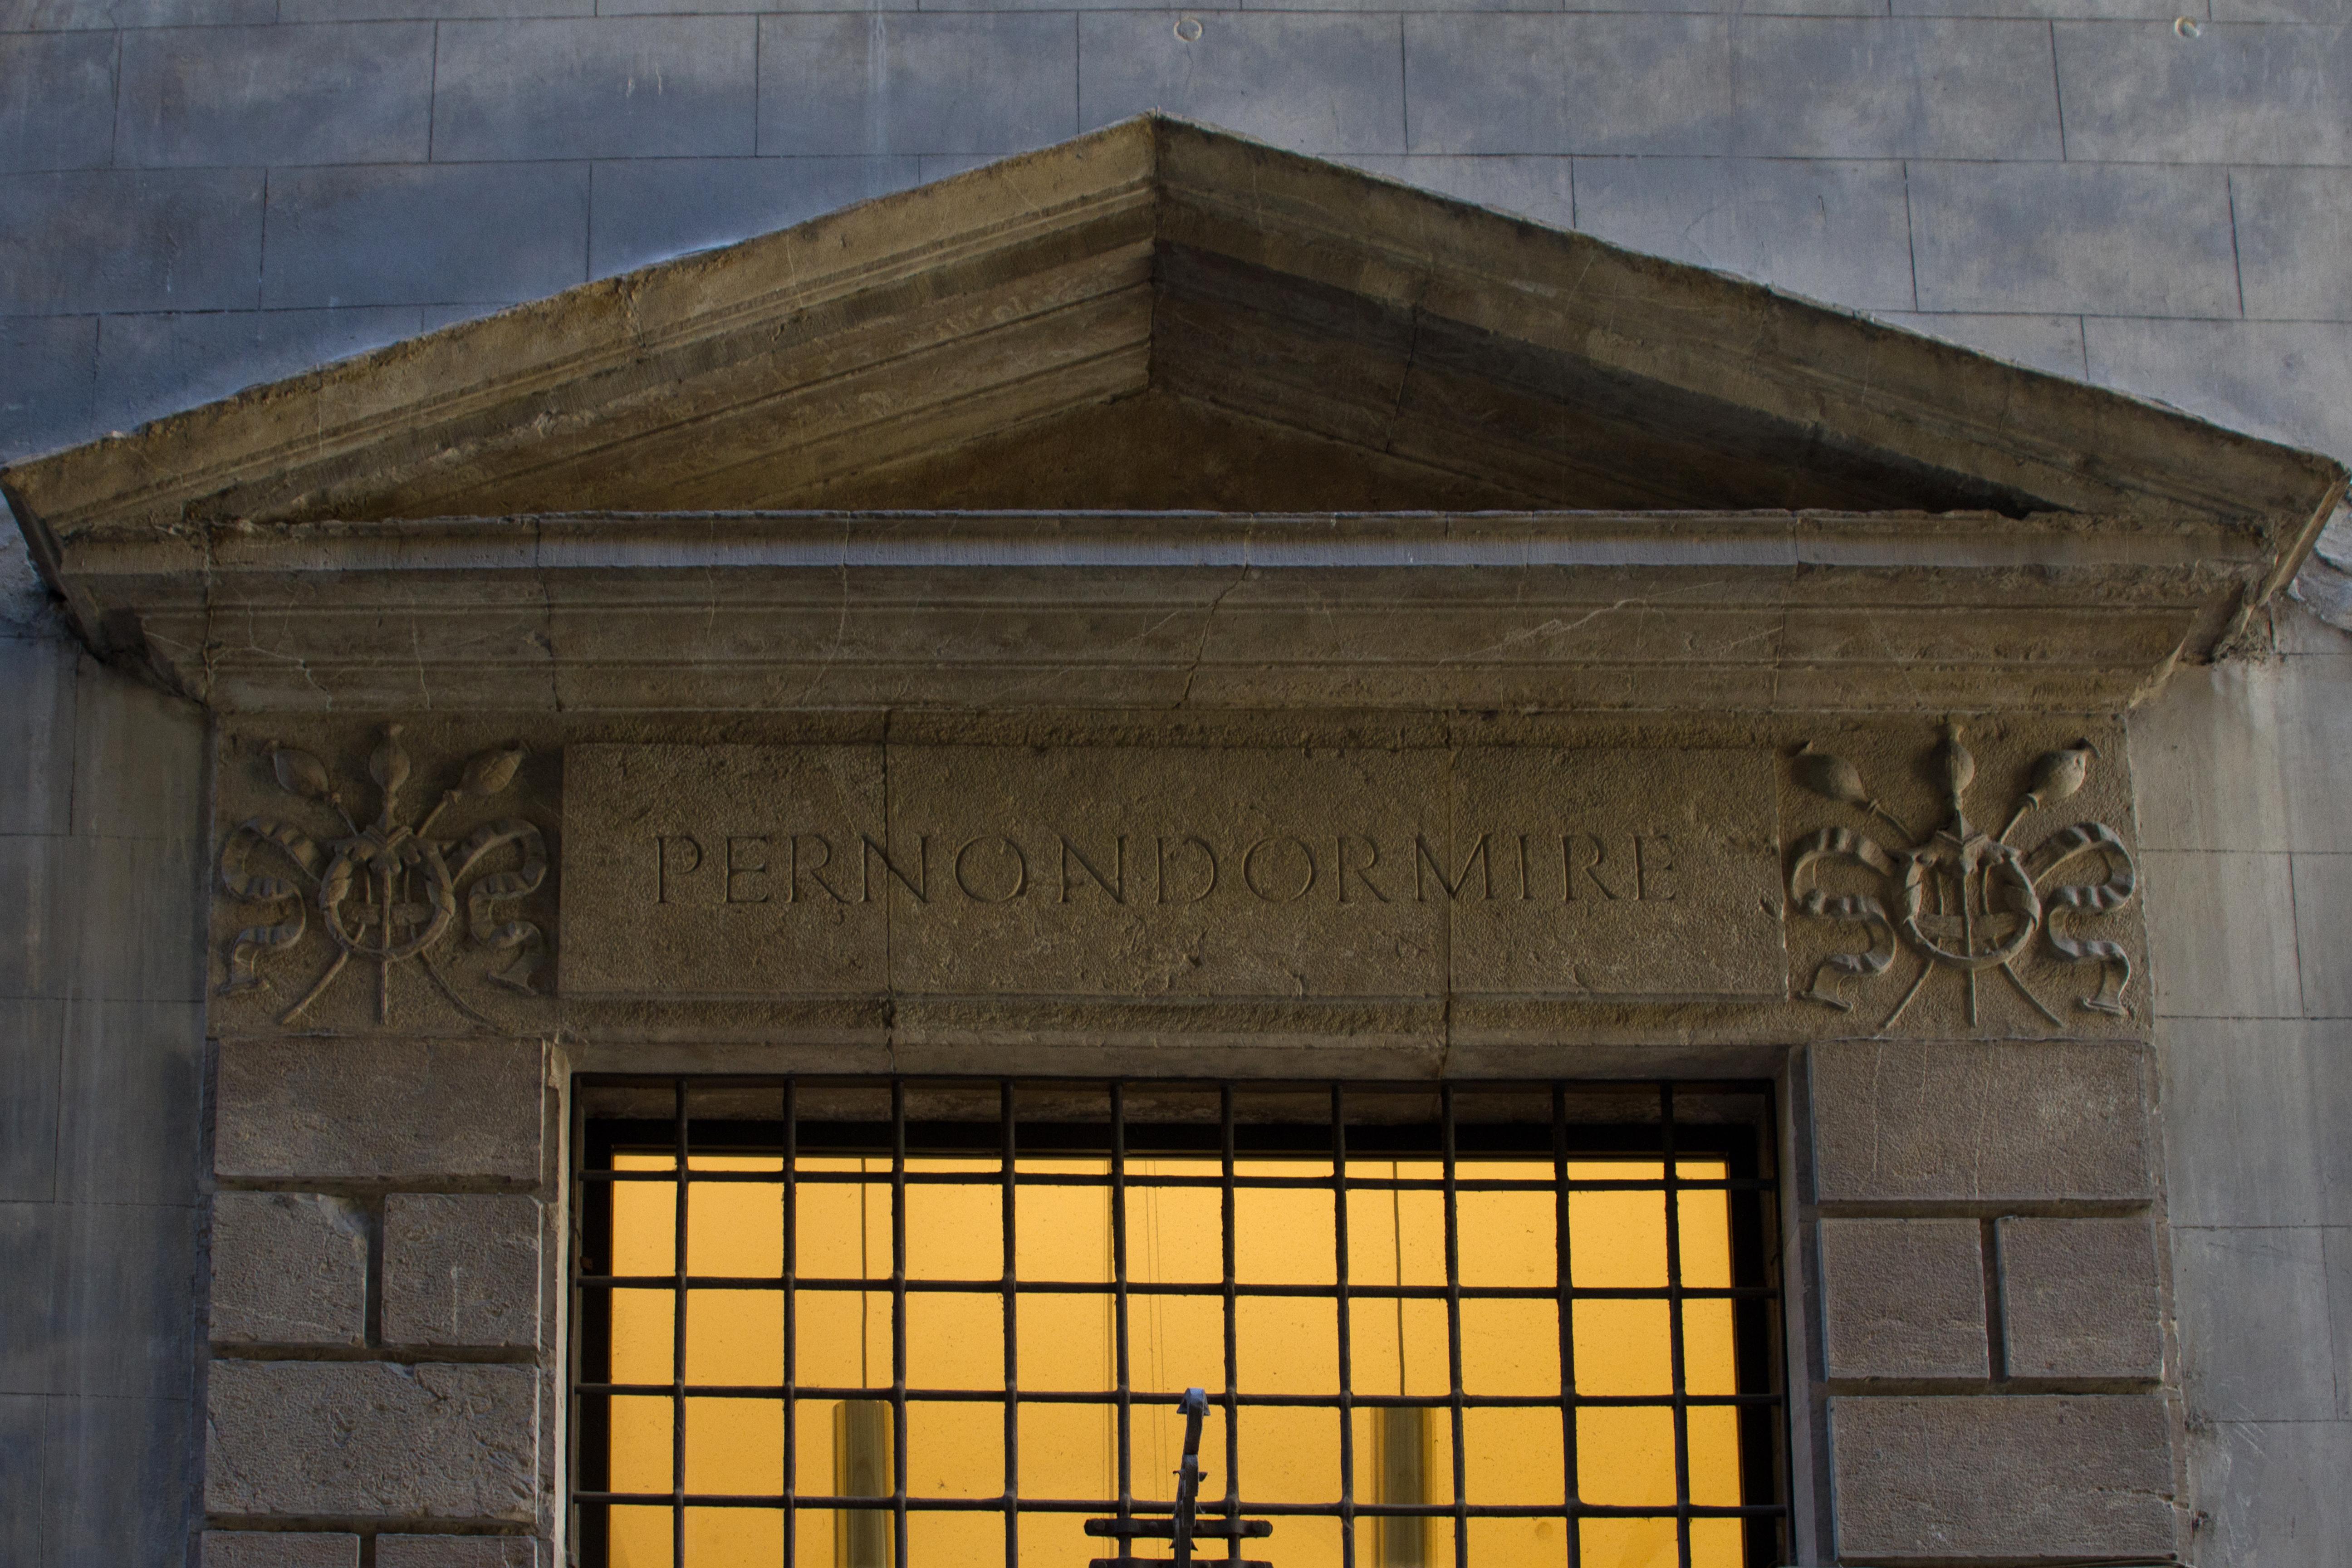 Visita guidata per scoprire curiosità e aneddoti del centro storico di Firenze.